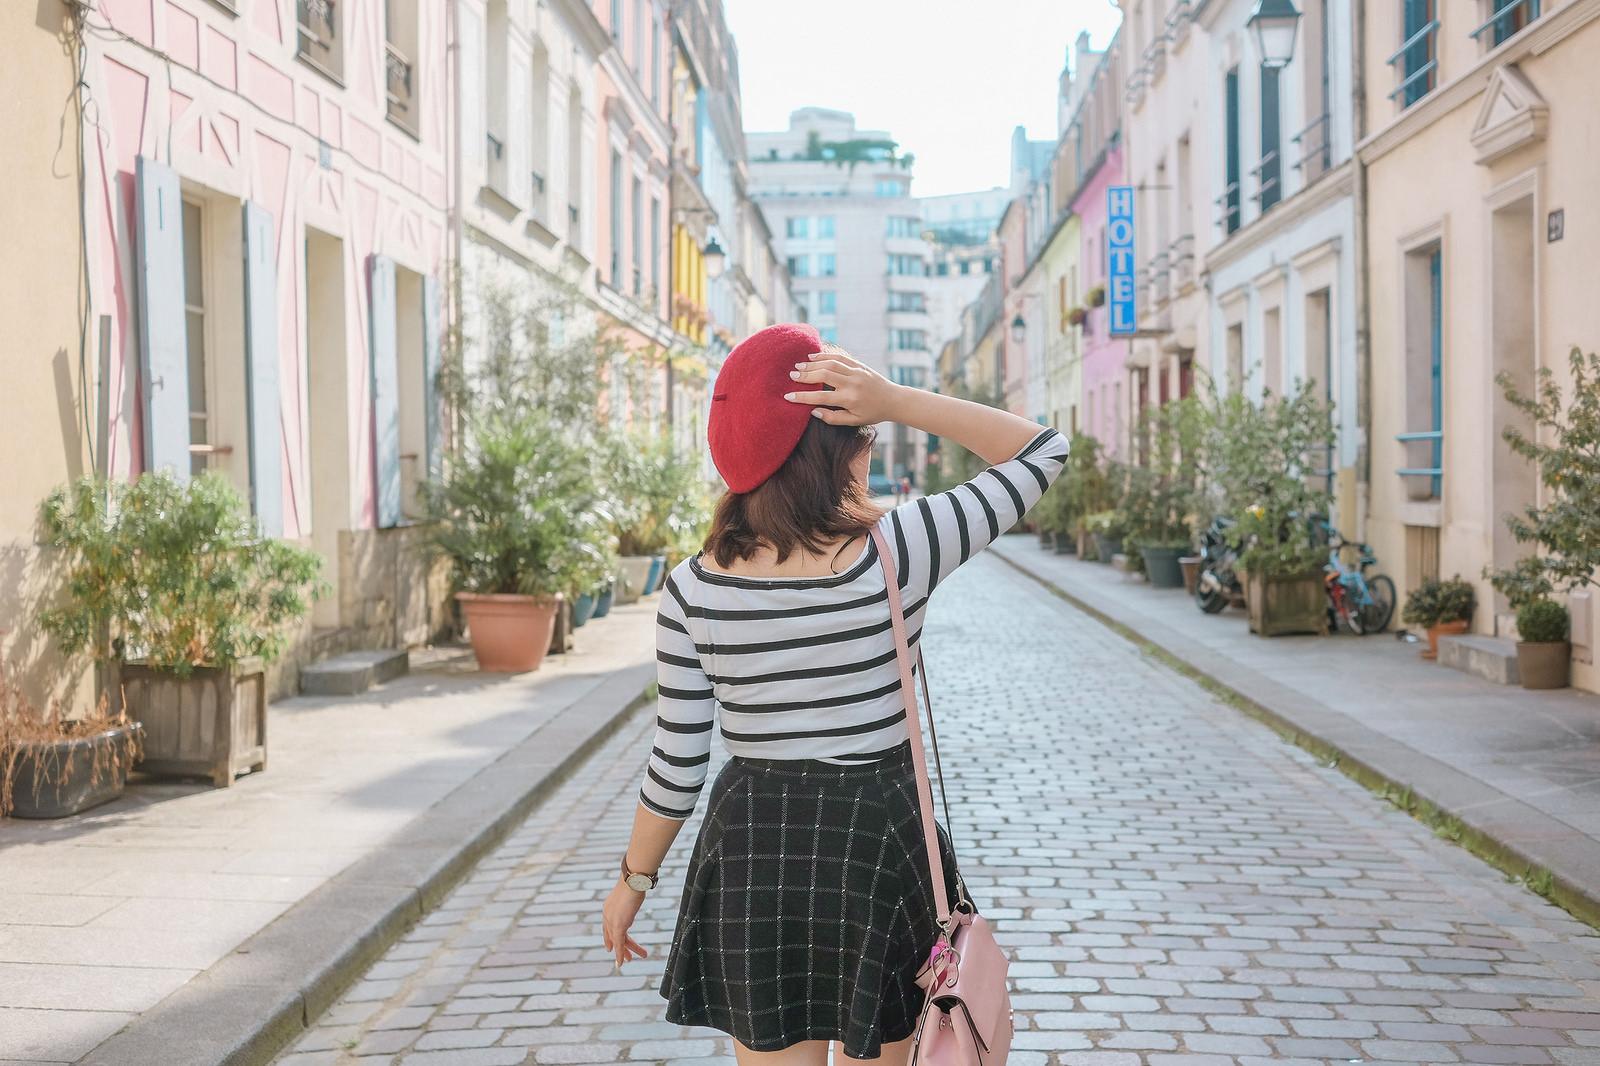 Rue Cremieux vecinos de paris cansados de instagrammers (1)